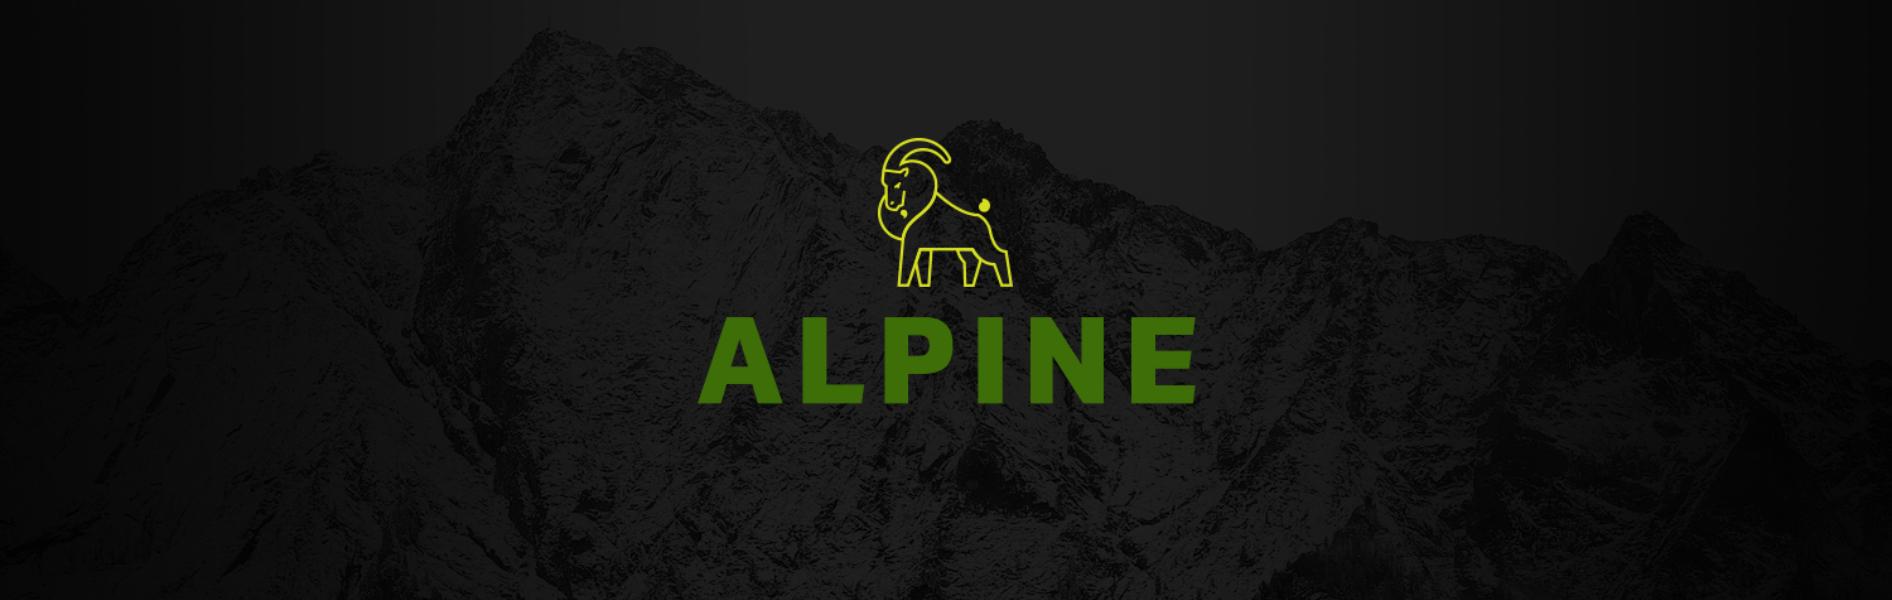 Alpine Esports Banner